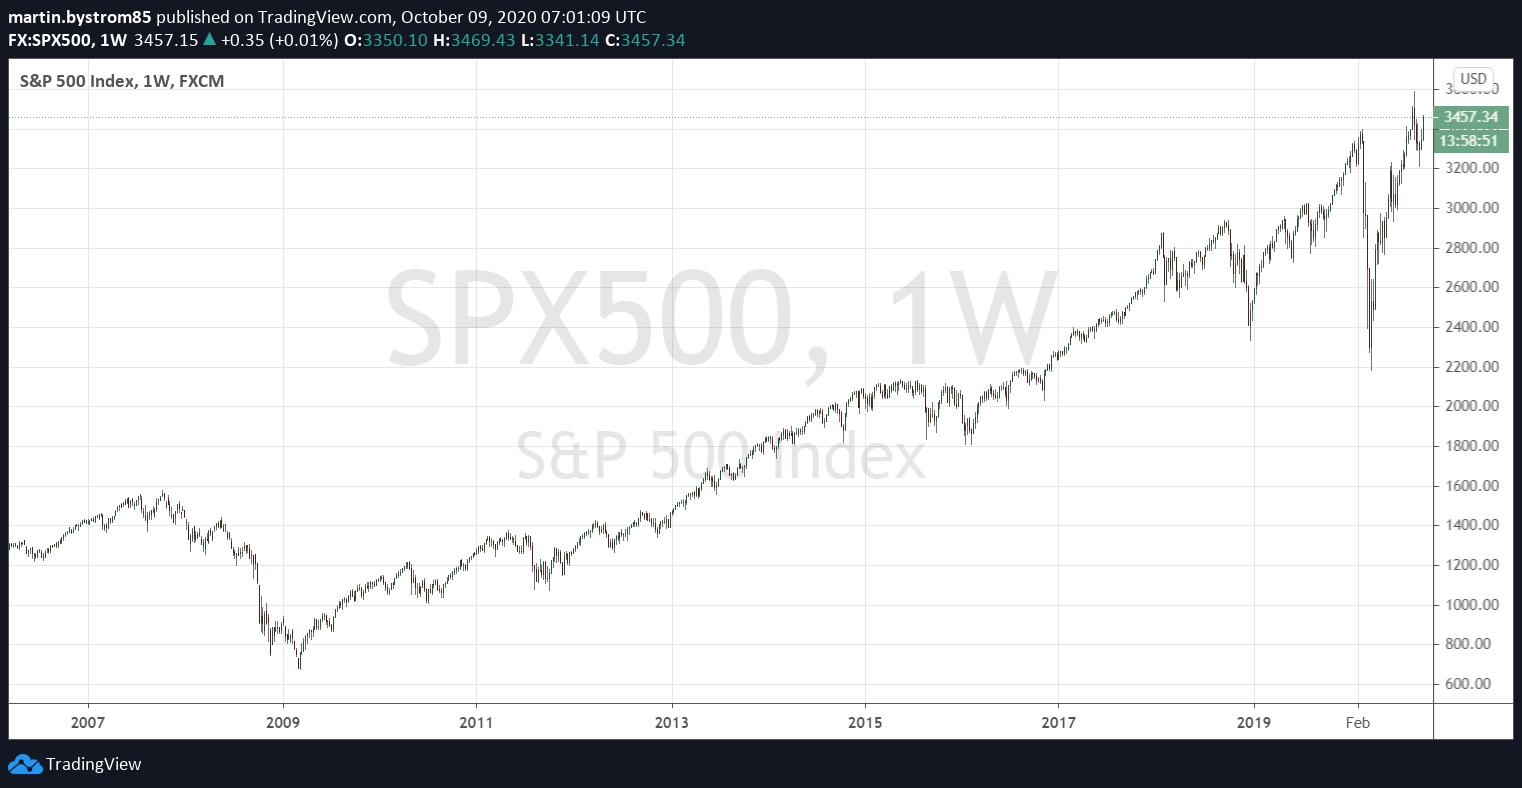 Historisk utveckling av S&P 500, ett sammanvägt index av de 500 största bolagen noterade i USA.